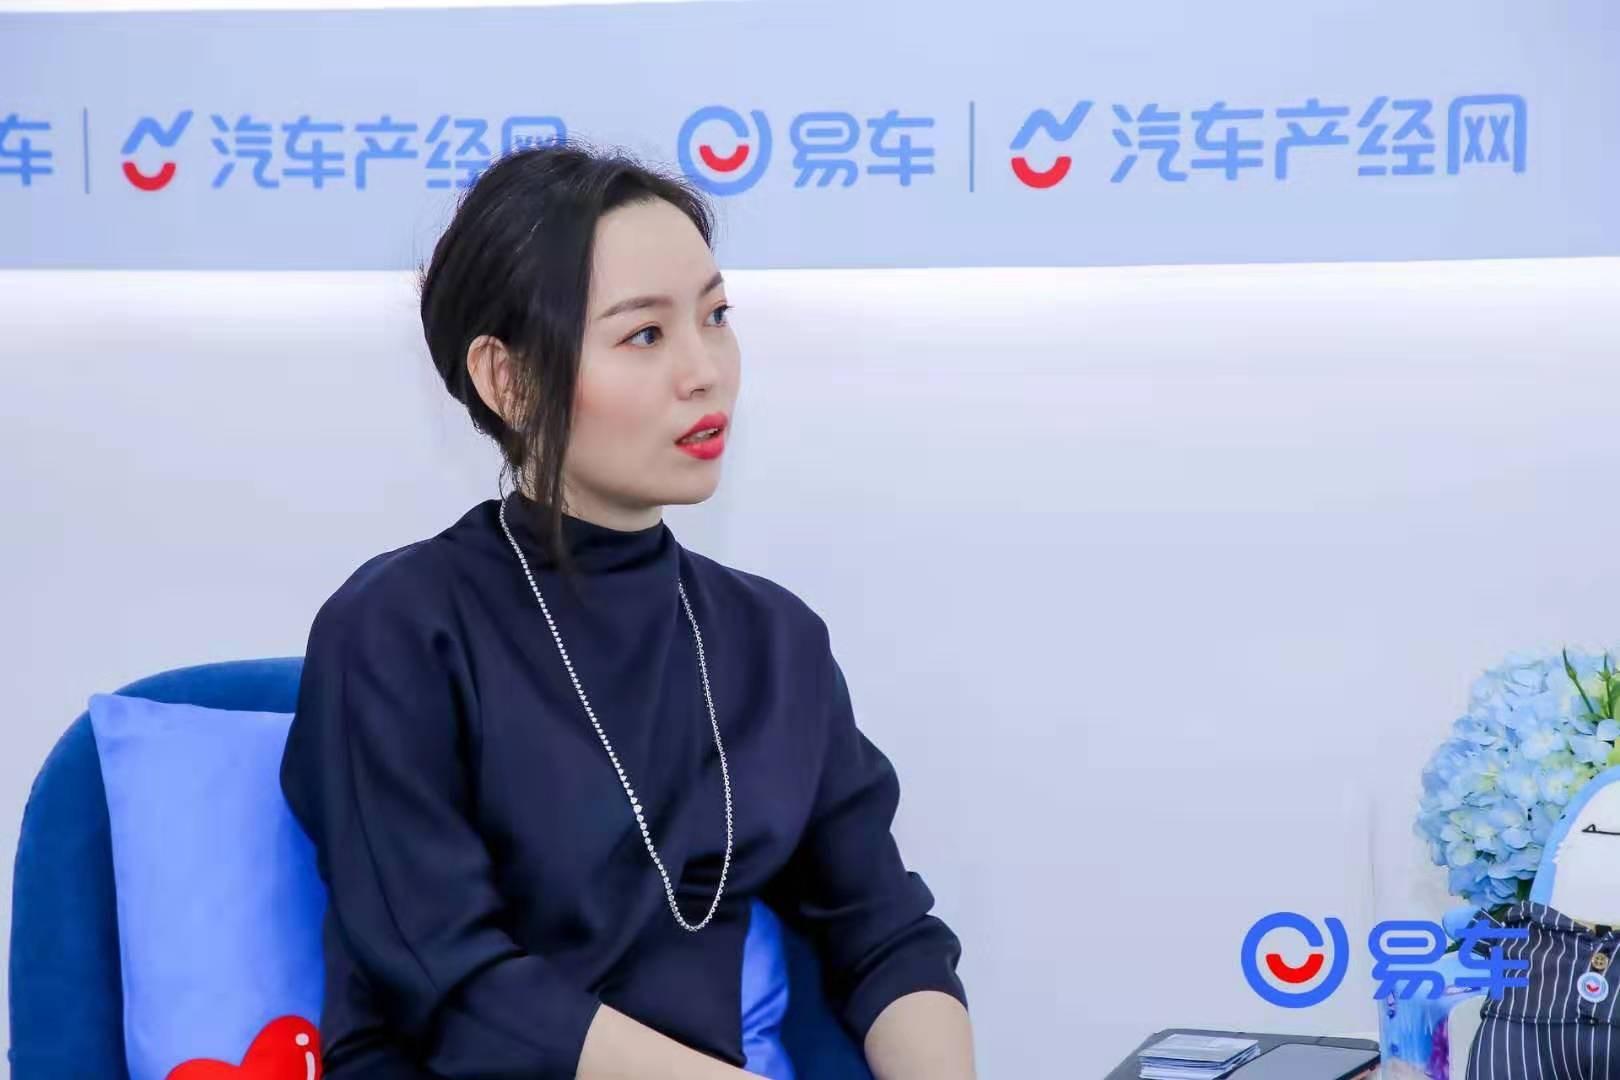 唐凤靓:2019年保时捷在华销量将超过85000辆|汽车产经